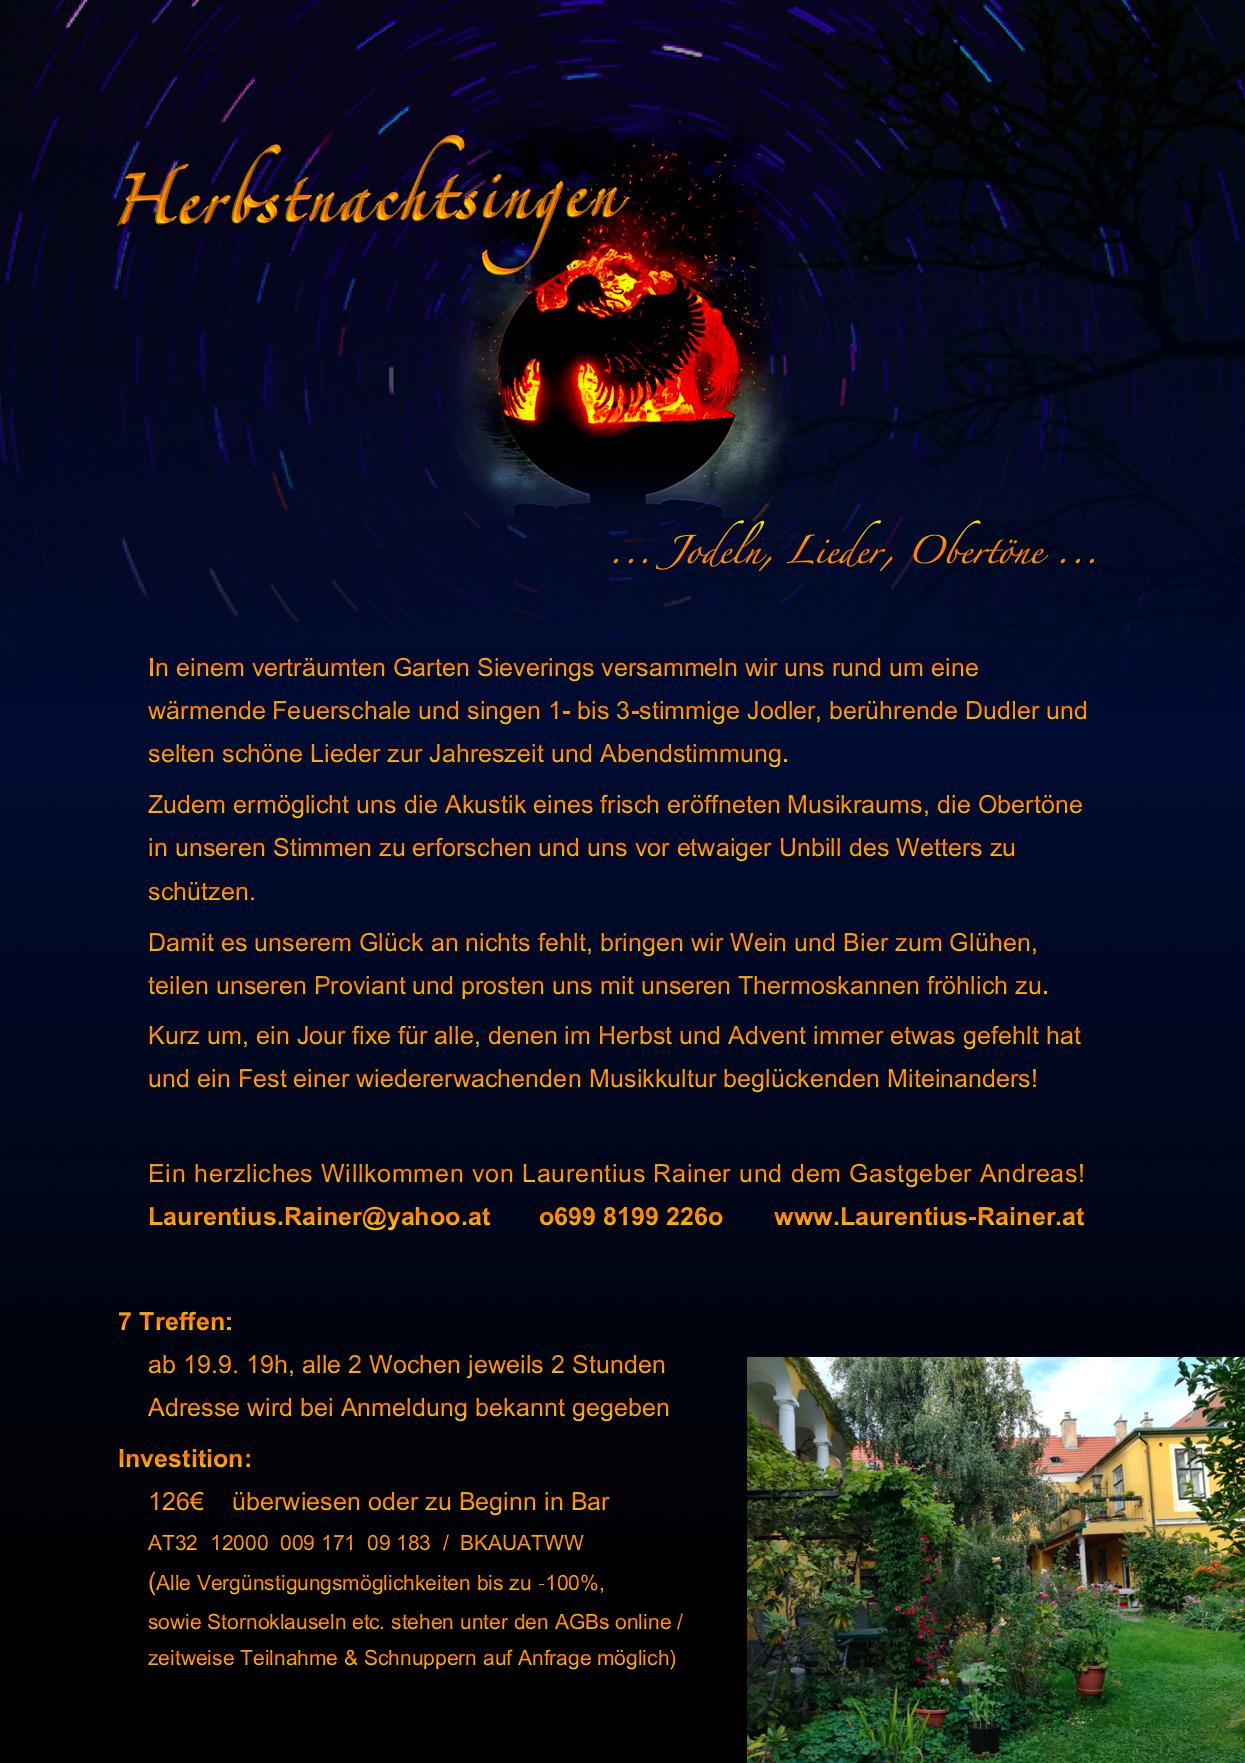 Herbstnachtsingen 2018